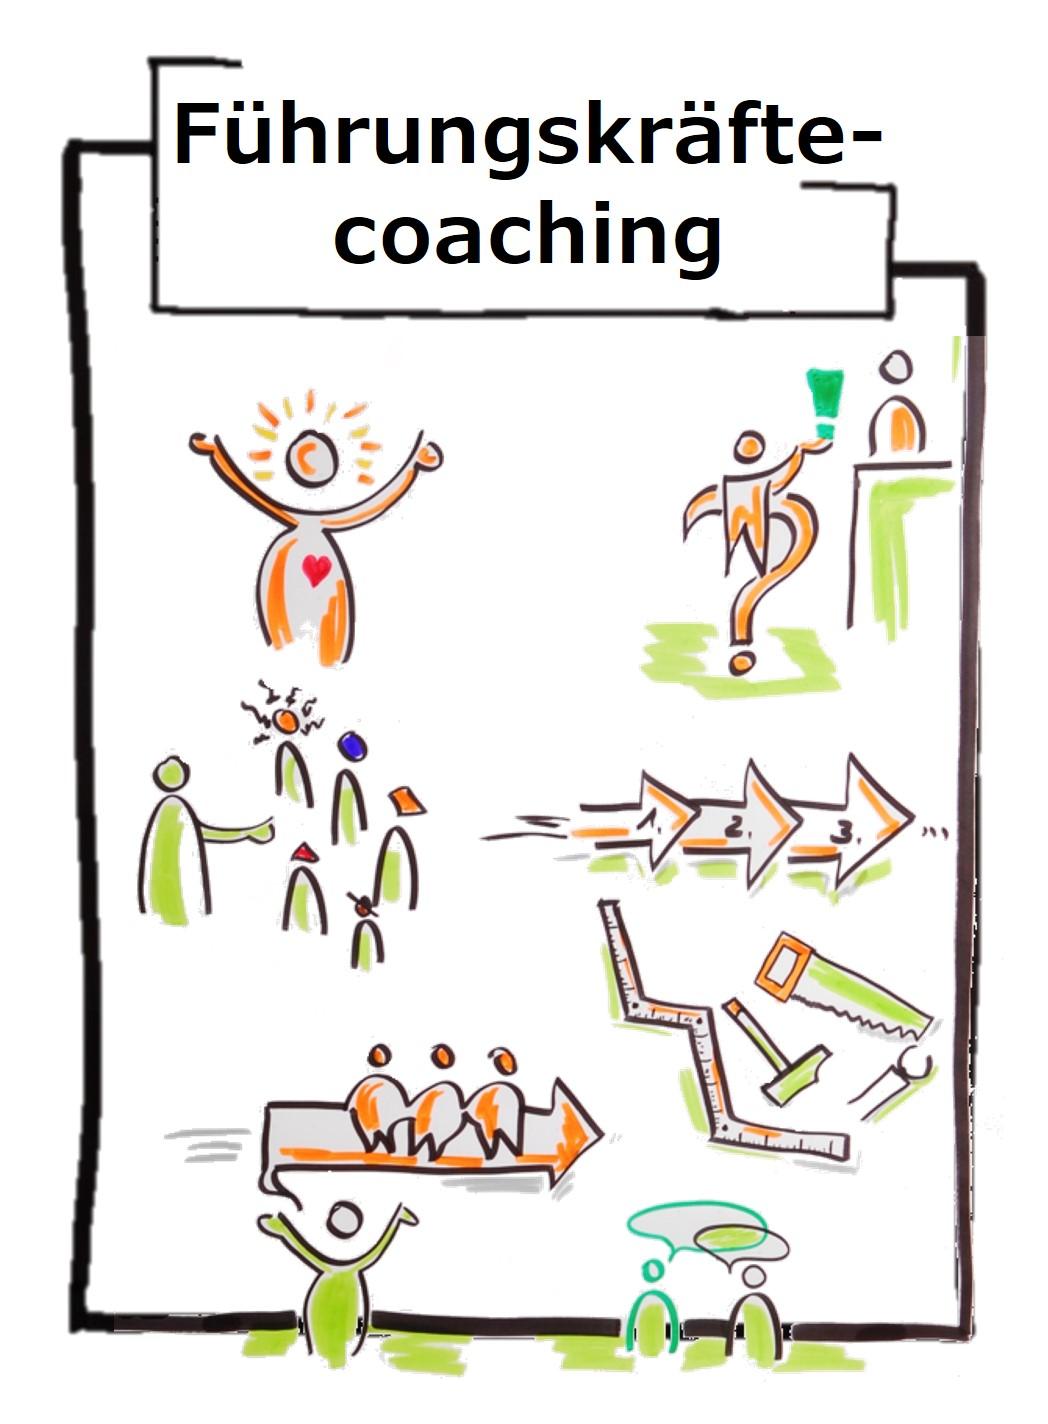 Ein Führungskräftecoaching geht speziell auf die Anforderungen und Herausforderung von Führungskräften ein